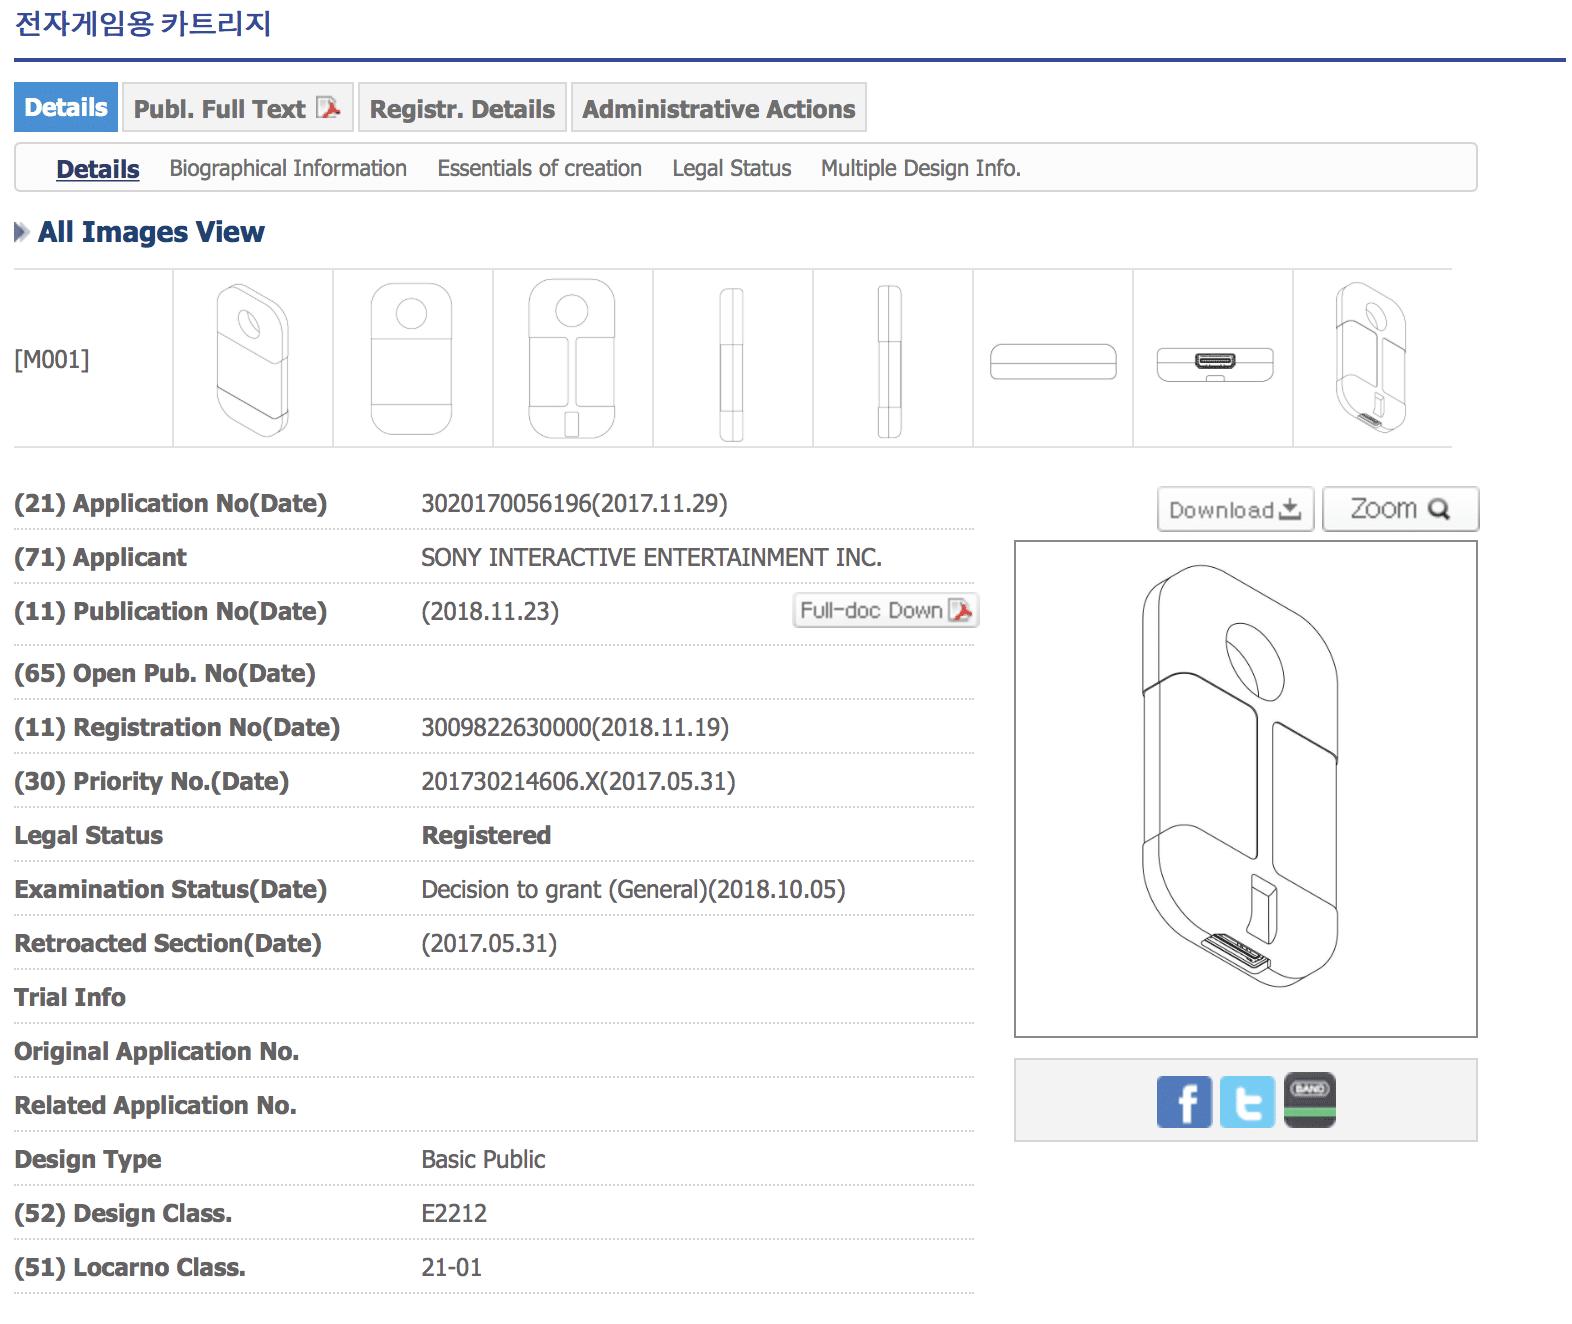 Sony ha presentado una patente para un nuevo juego en cartucho